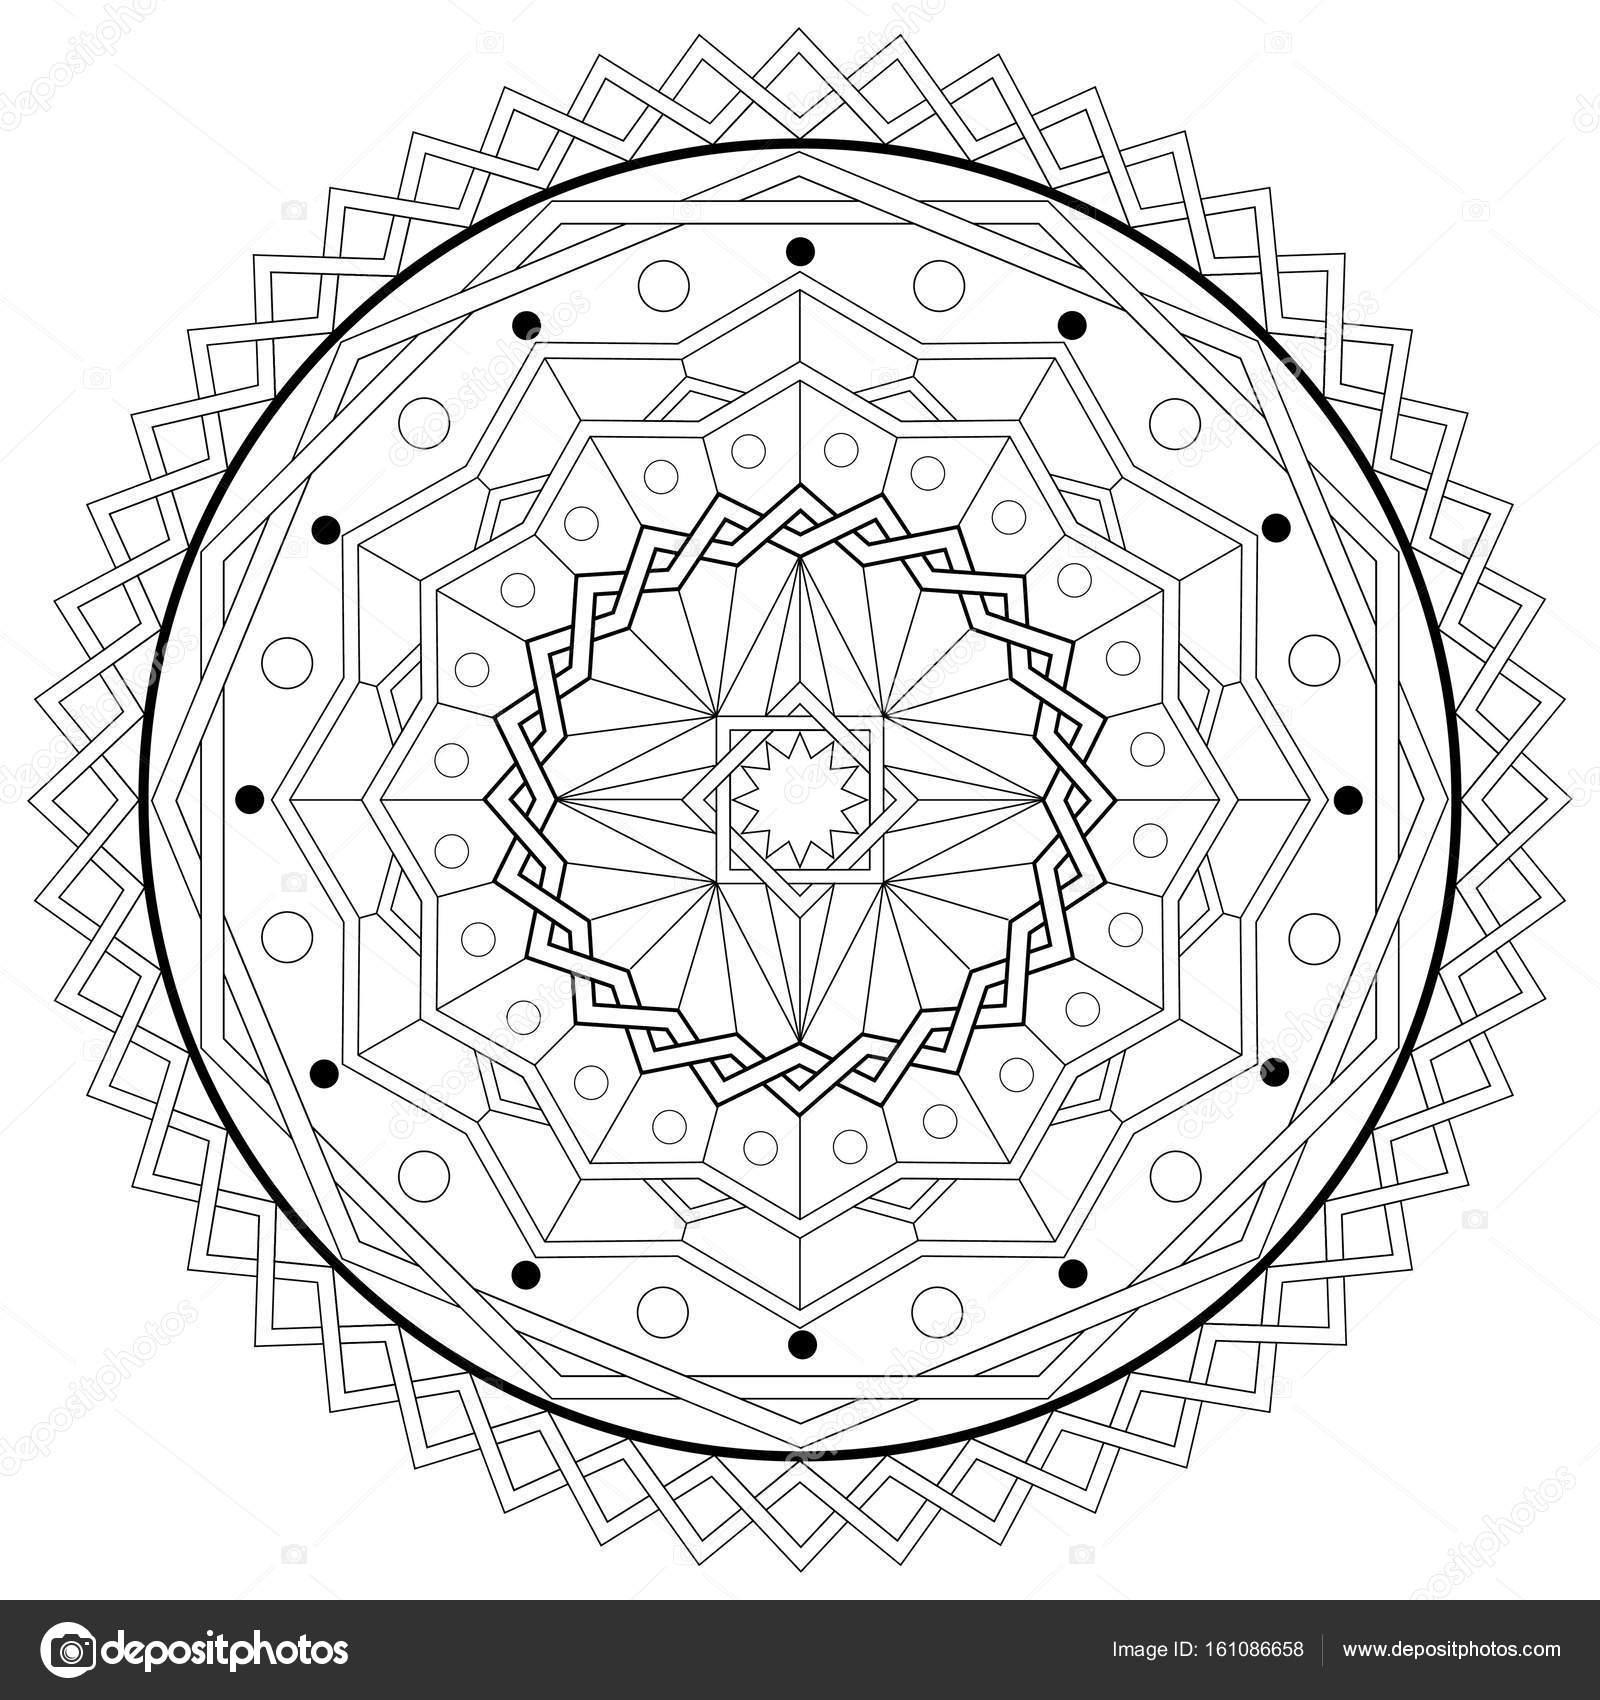 Mandala Coloring Book Template - druckbare Vektor eps10 ...